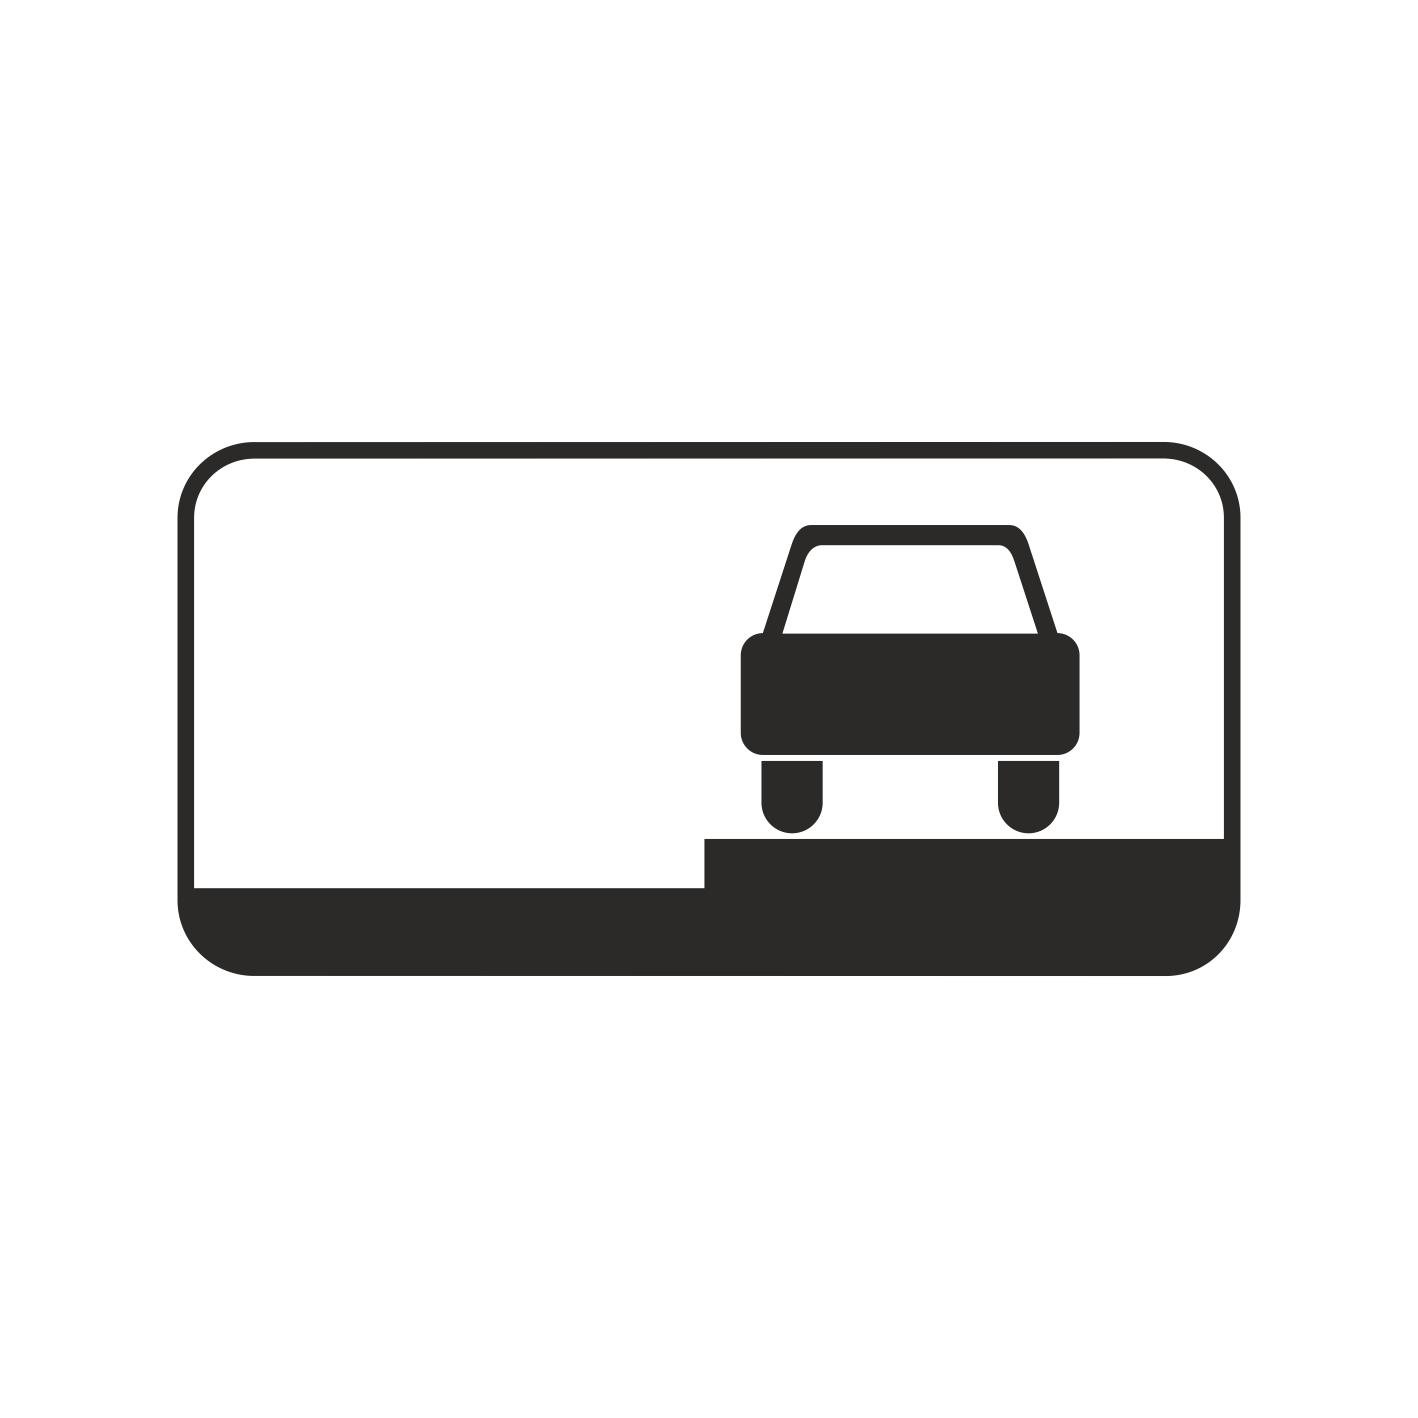 8.6.3 Способ постановки транспортного средства на стоянку